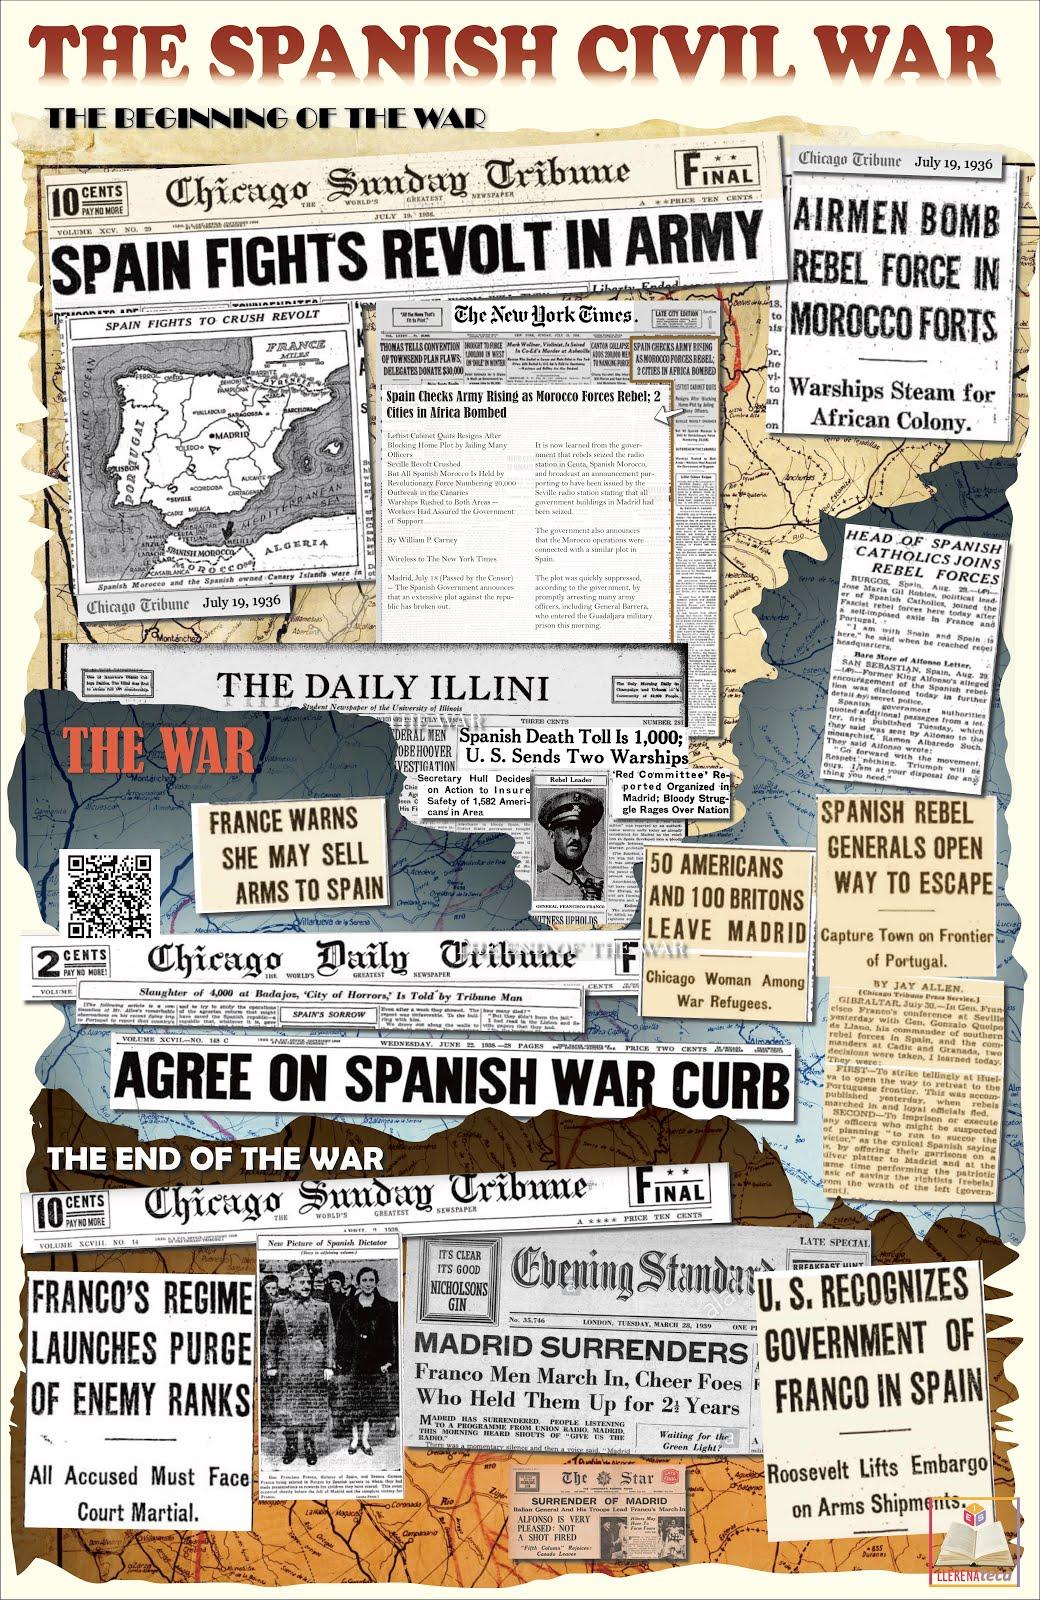 Prensa inglesa y norteamericana